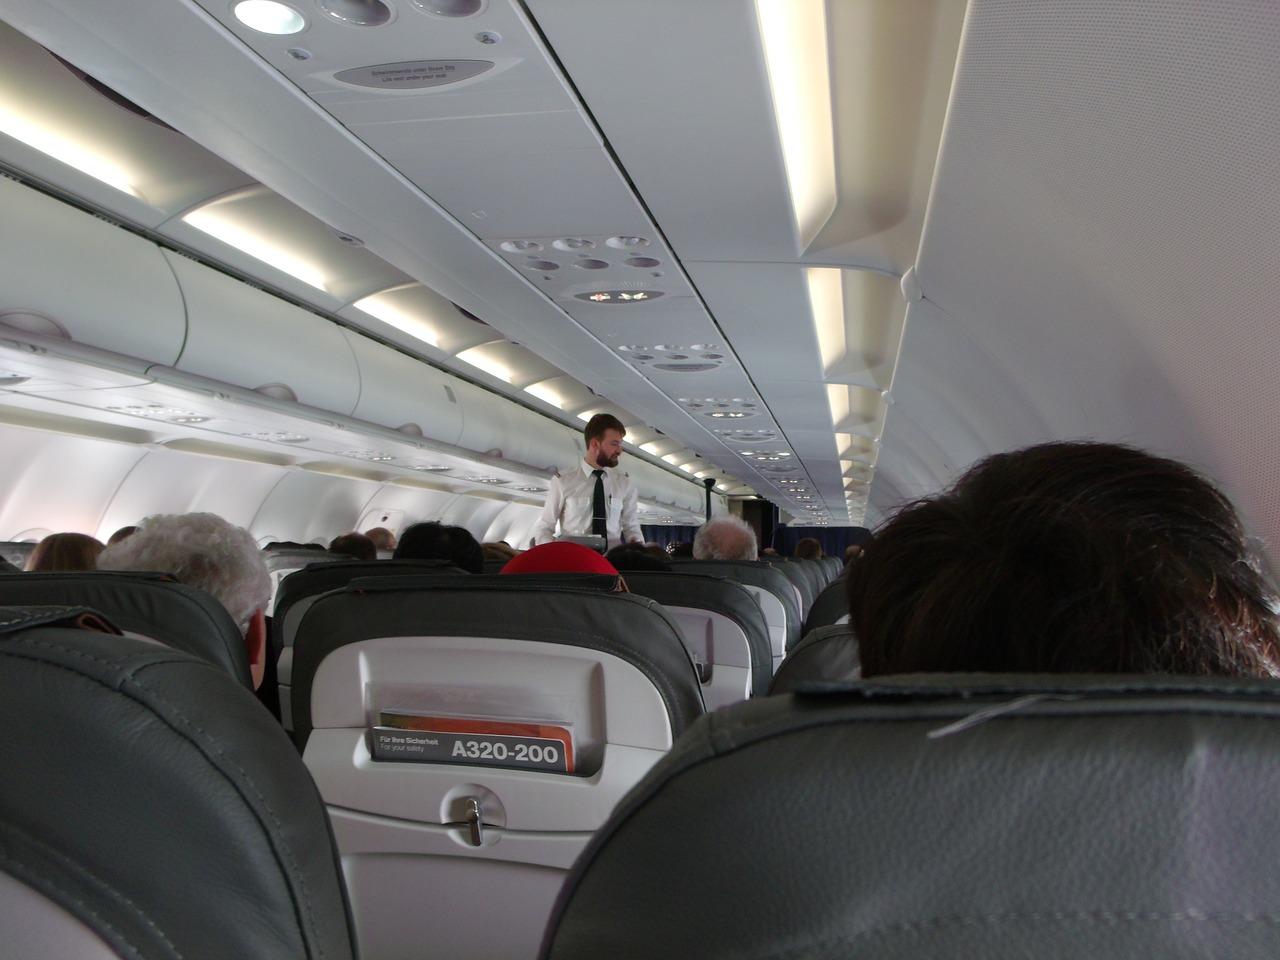 JAL ANA客室乗務員(CA)の倍率と難易度は? 既卒入社は難易度が高い?